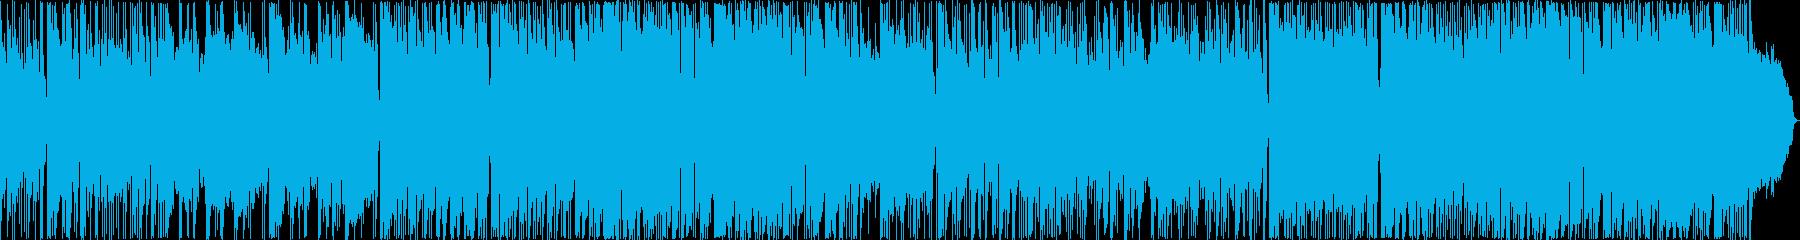 フルートの美しい旋律が特徴的なバラードの再生済みの波形